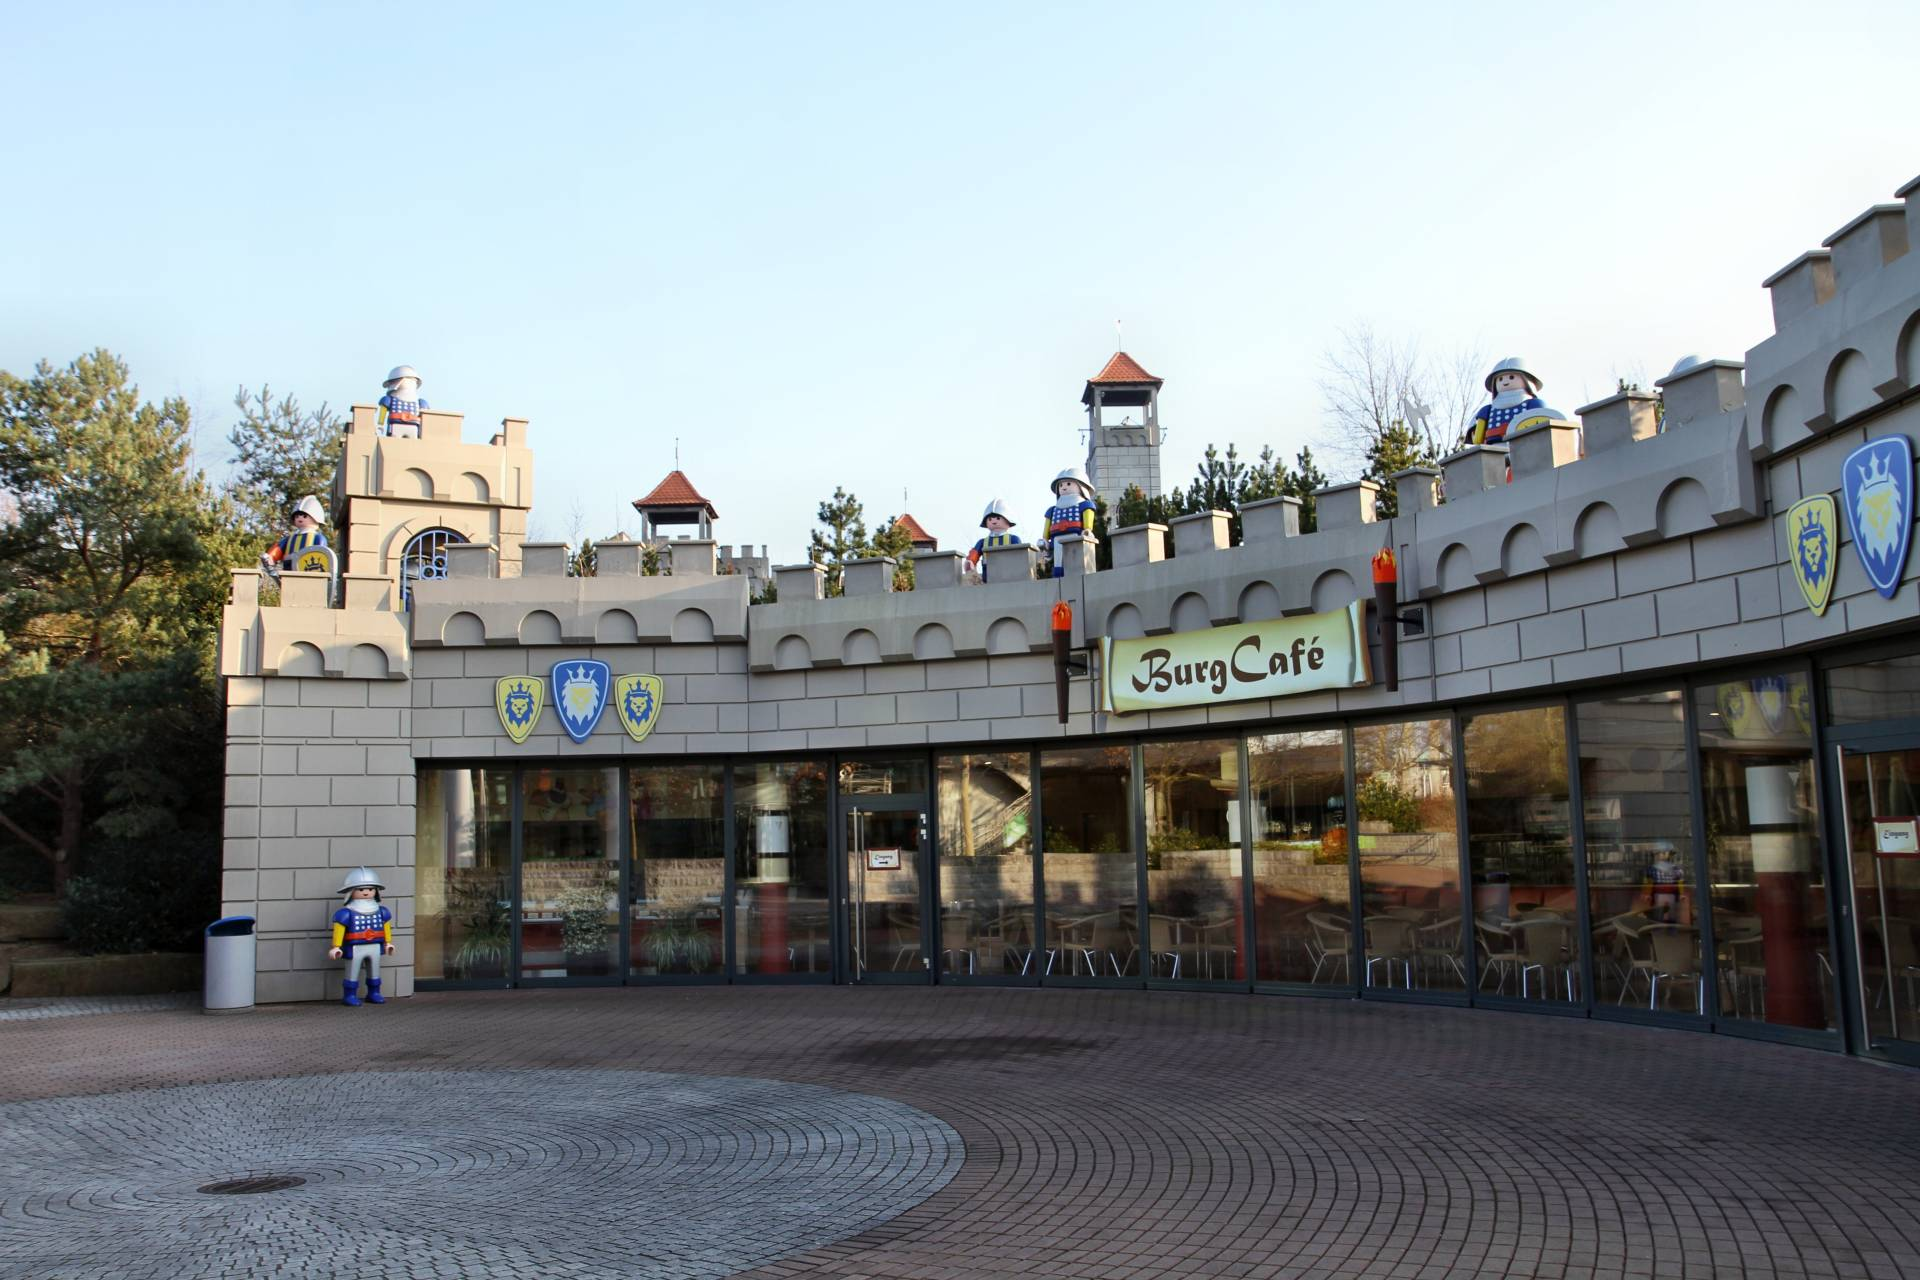 Playmobil Funpark Rabatt: Geld sparen beim Eintrittspreis (Update)